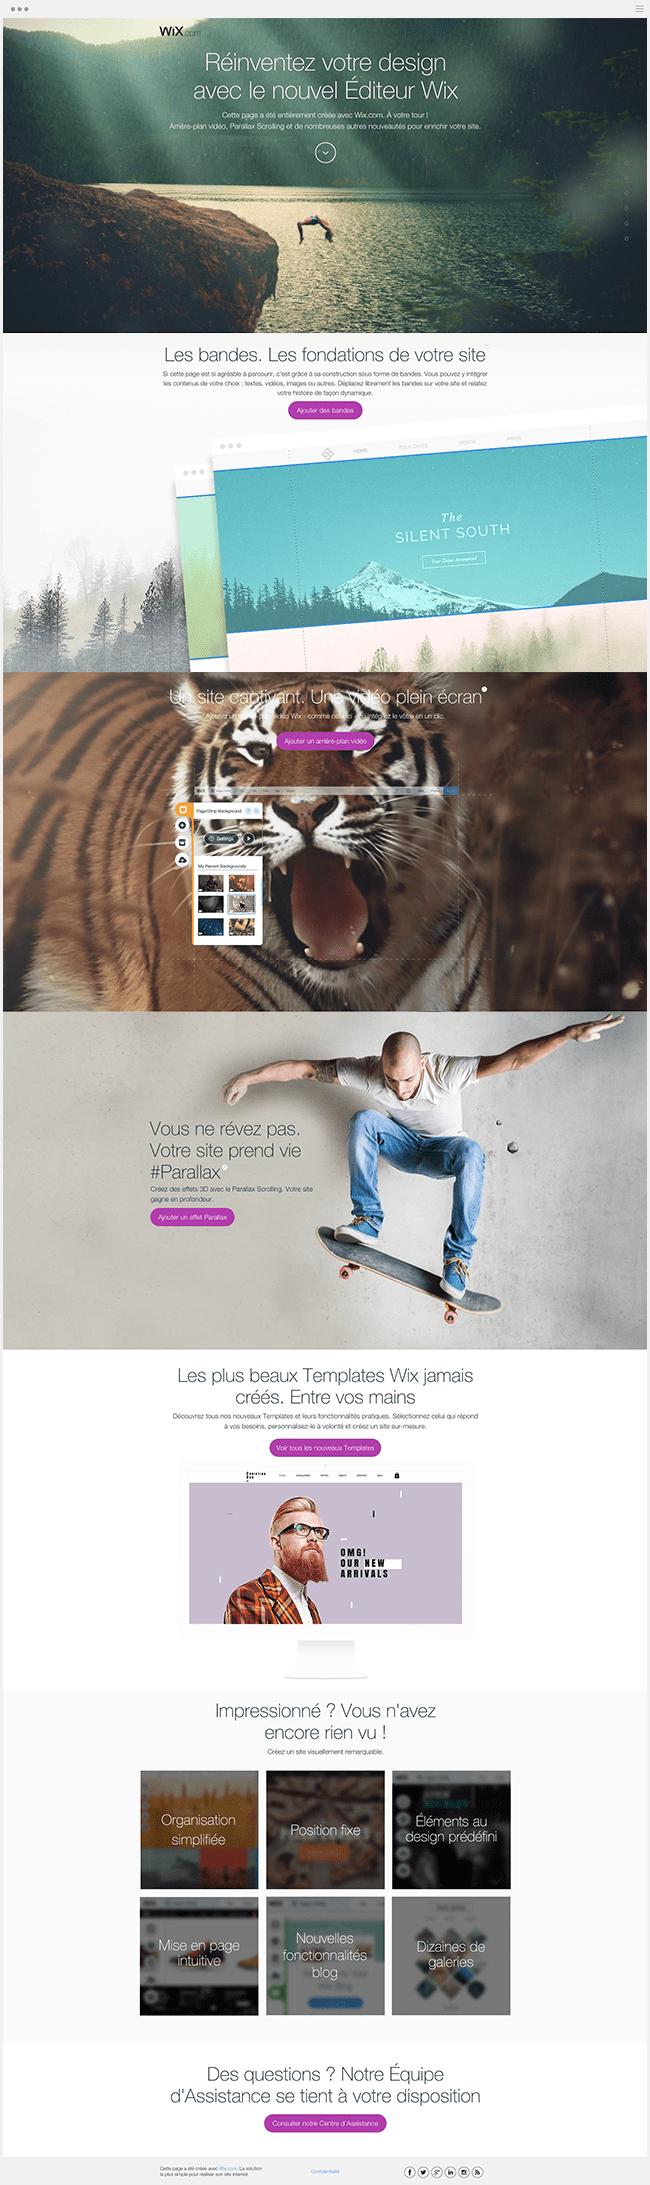 Landing Page Wix Nouvel Editeur